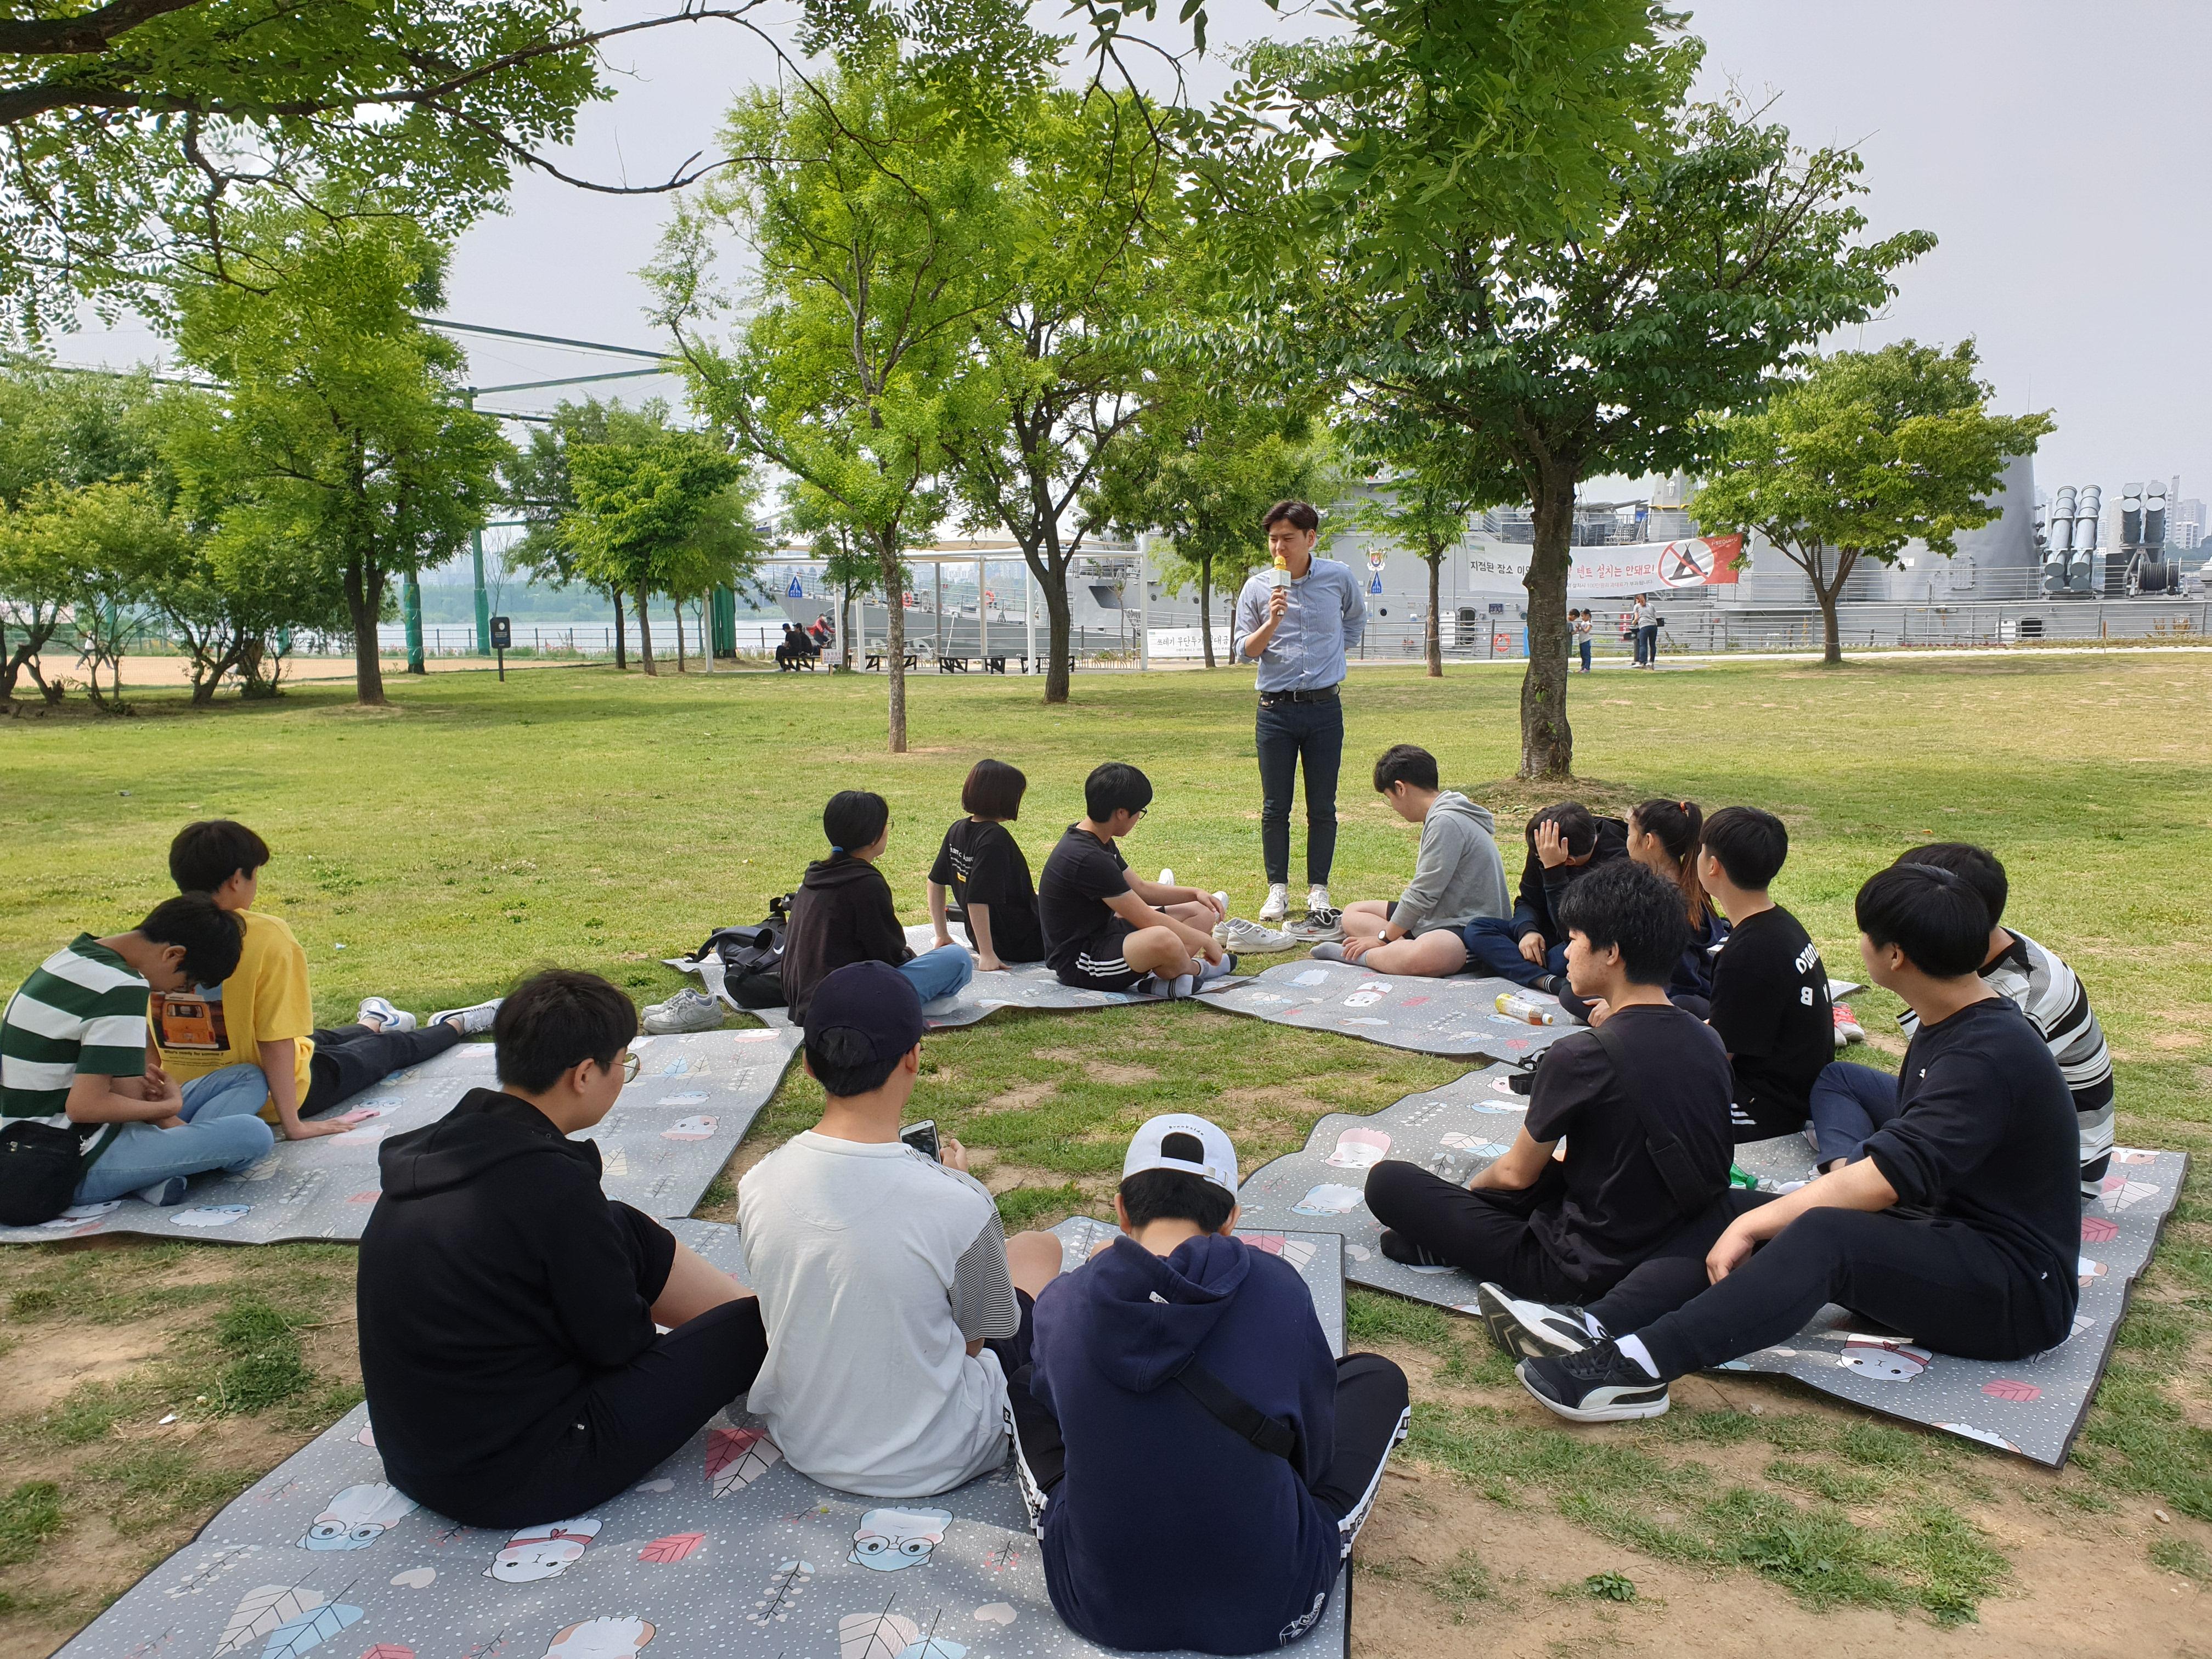 2019 청소년축제위원회 친선도모워크숍 현장 속으로